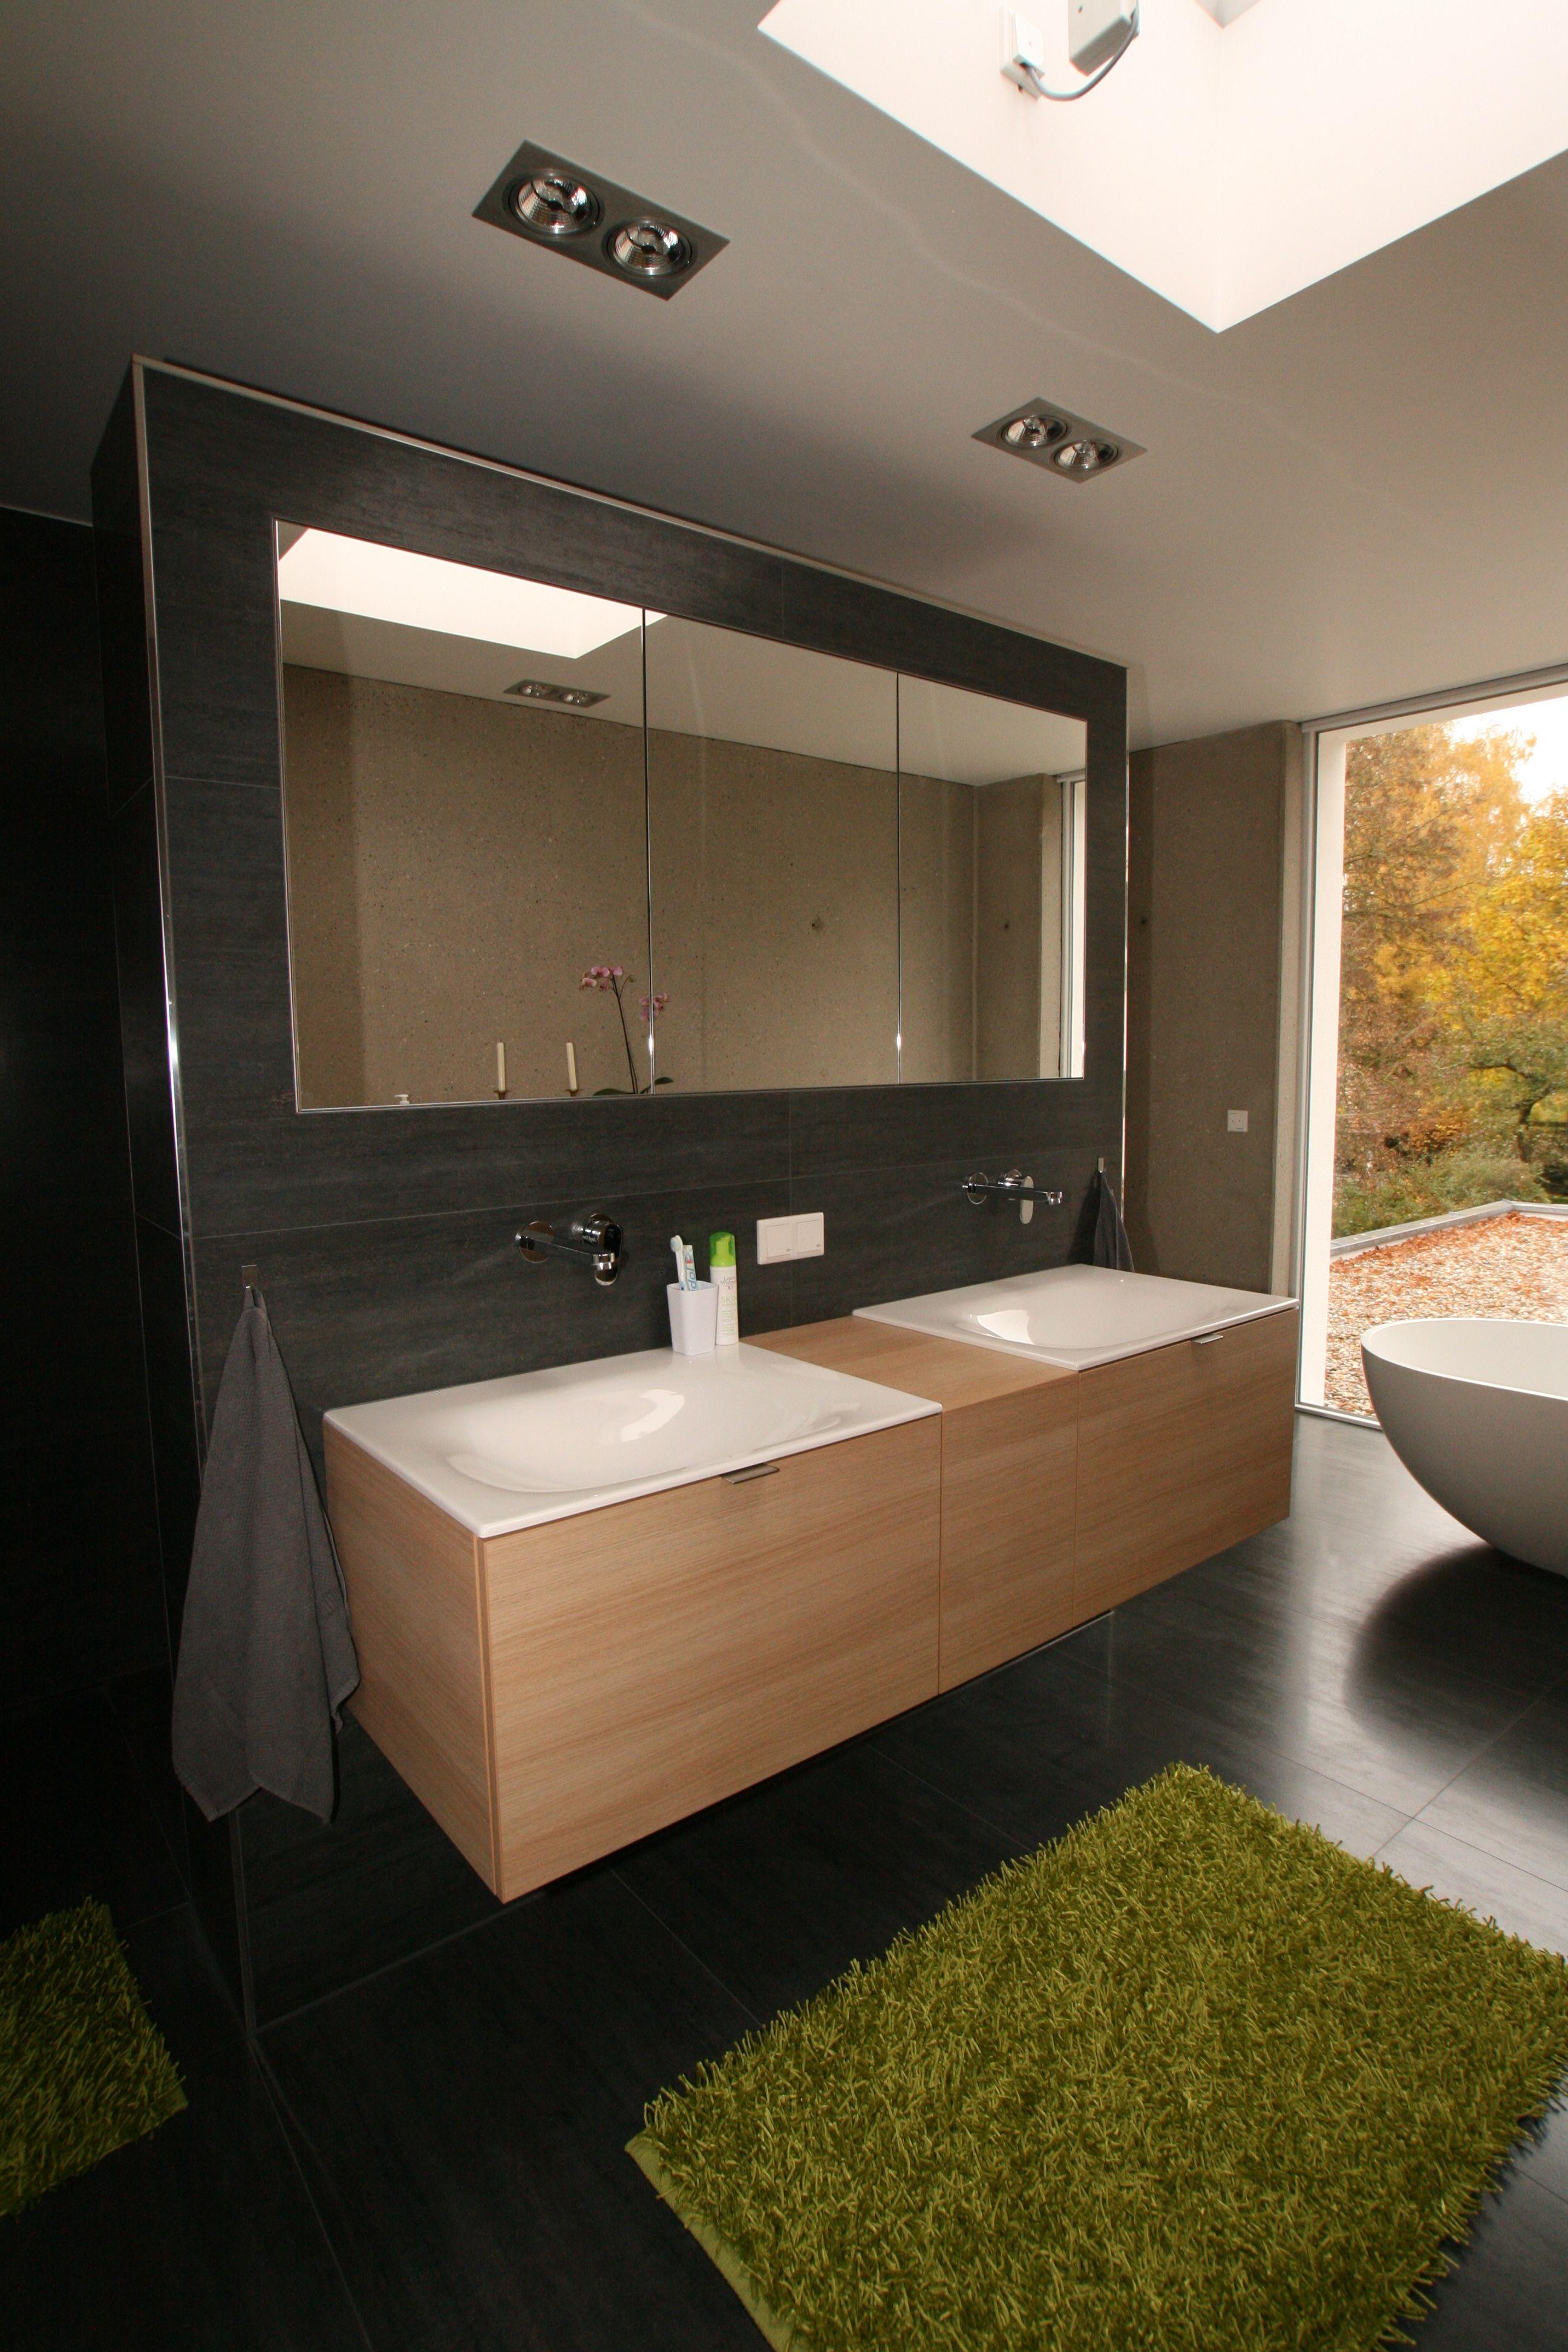 Moderne badezimmermöbel doppelwaschbecken  modernes Badezimmer, Bad Einrichtung von Schreinerei Wiedmann ...